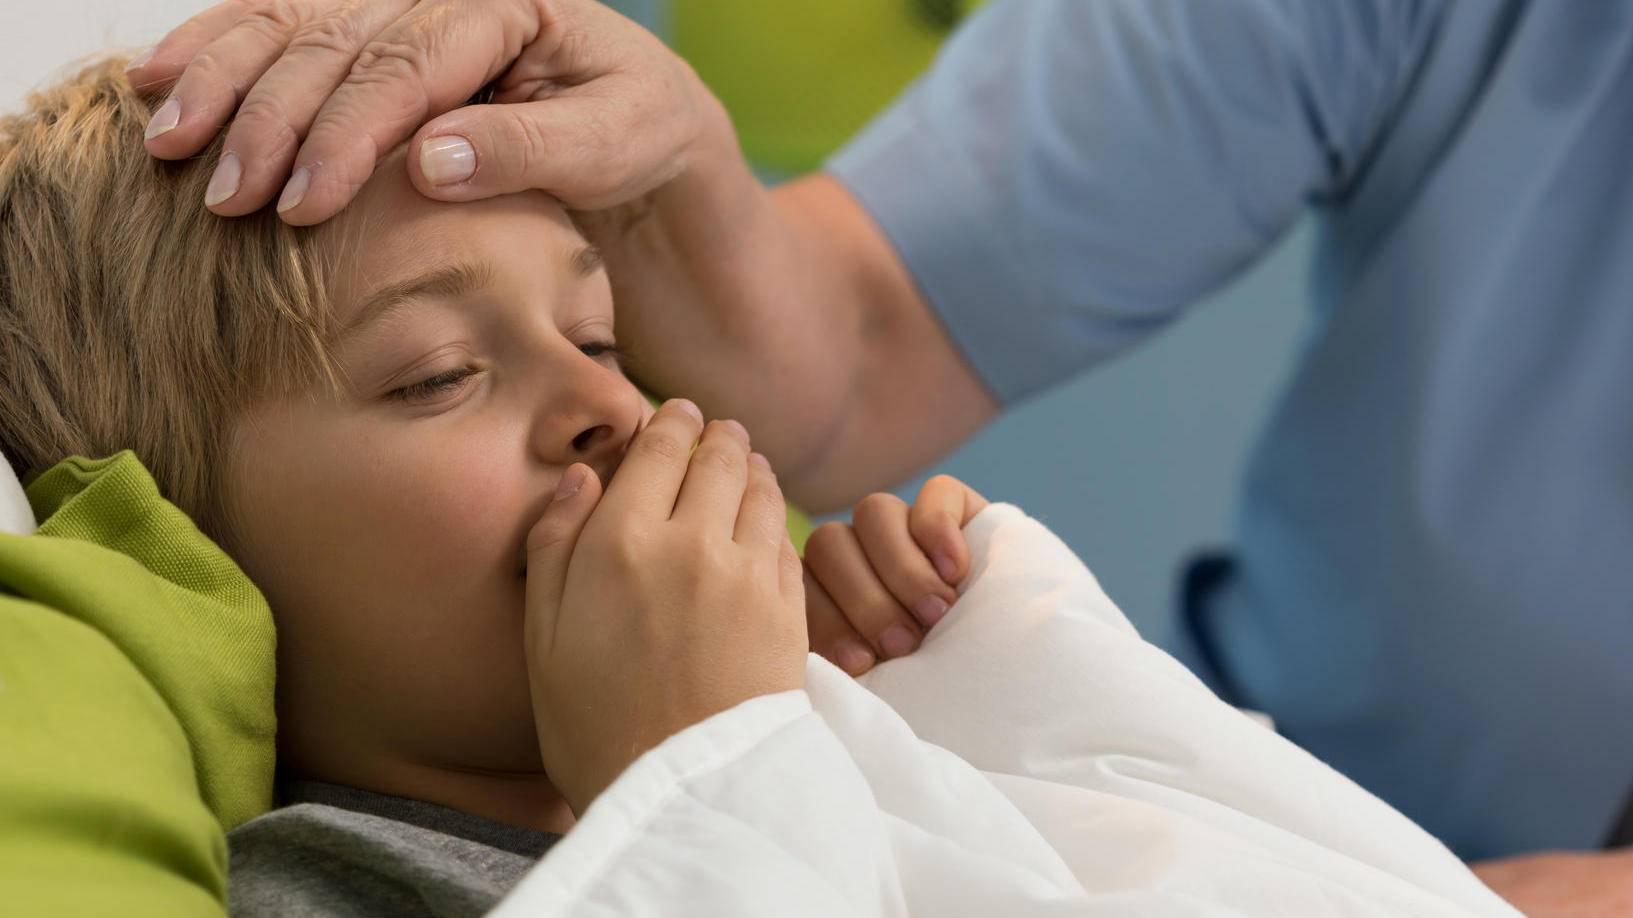 После удаления аденоидов у ребенка: запах, уход в послеоперационный период, рецидив аденоидов после операции